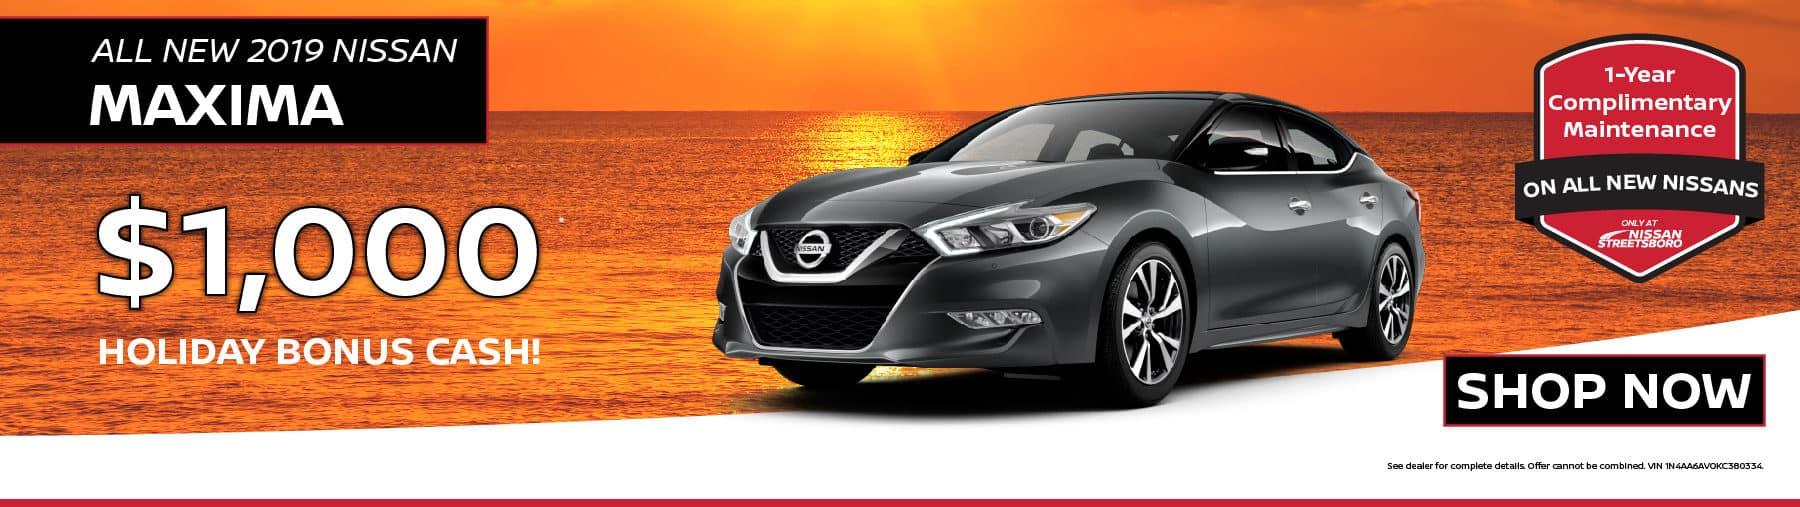 2019 Nissan Maxima Bonus Cash